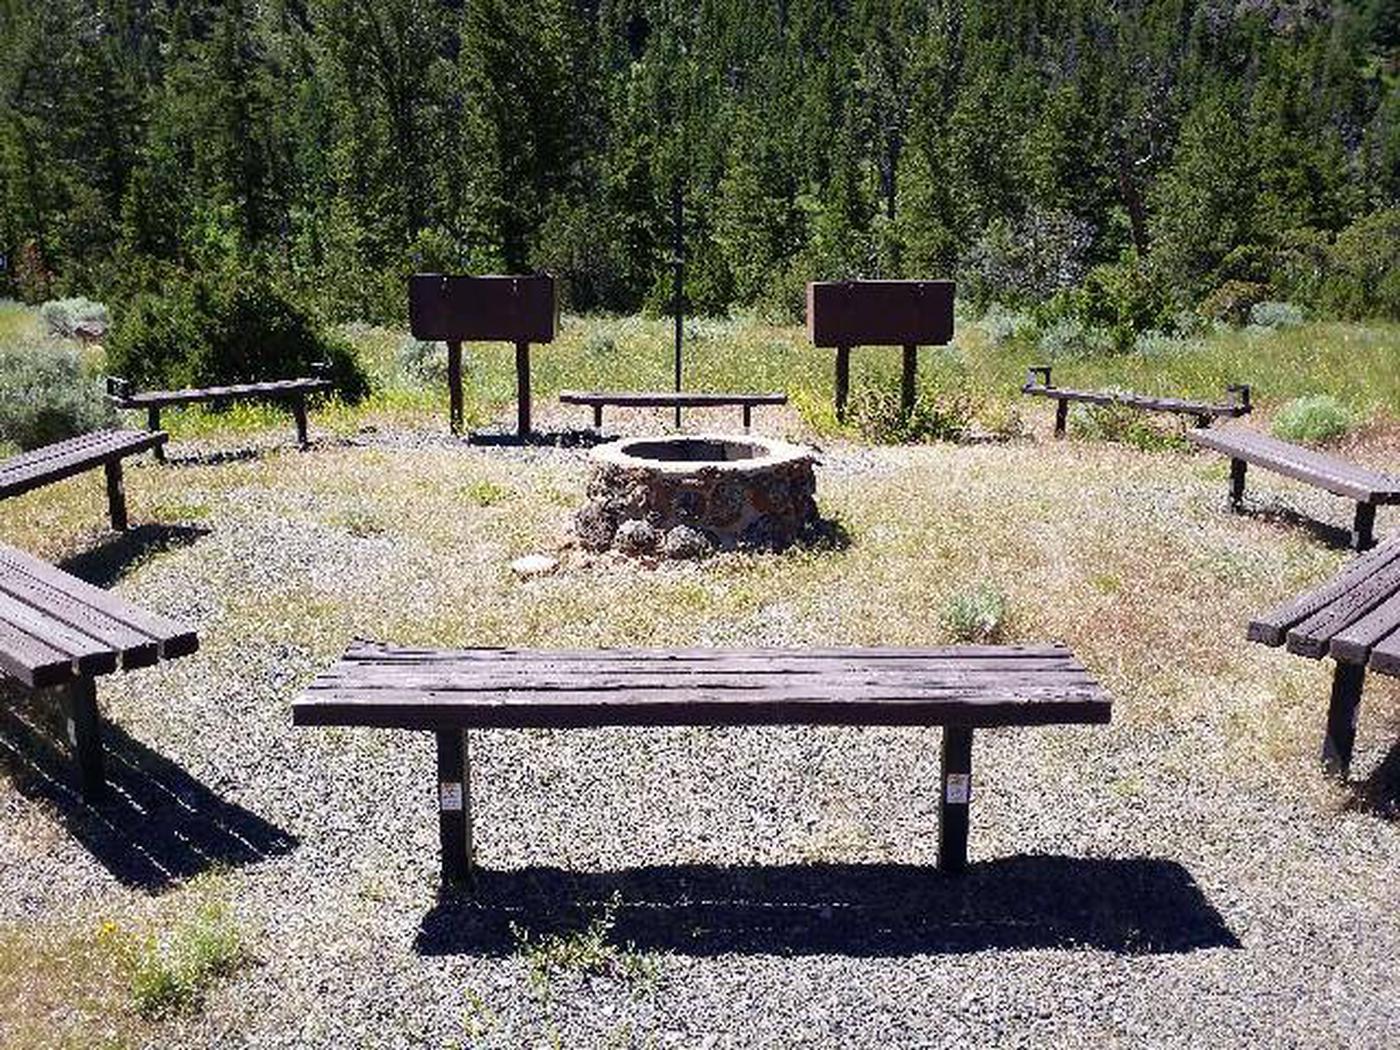 Rex Hale Group Site View